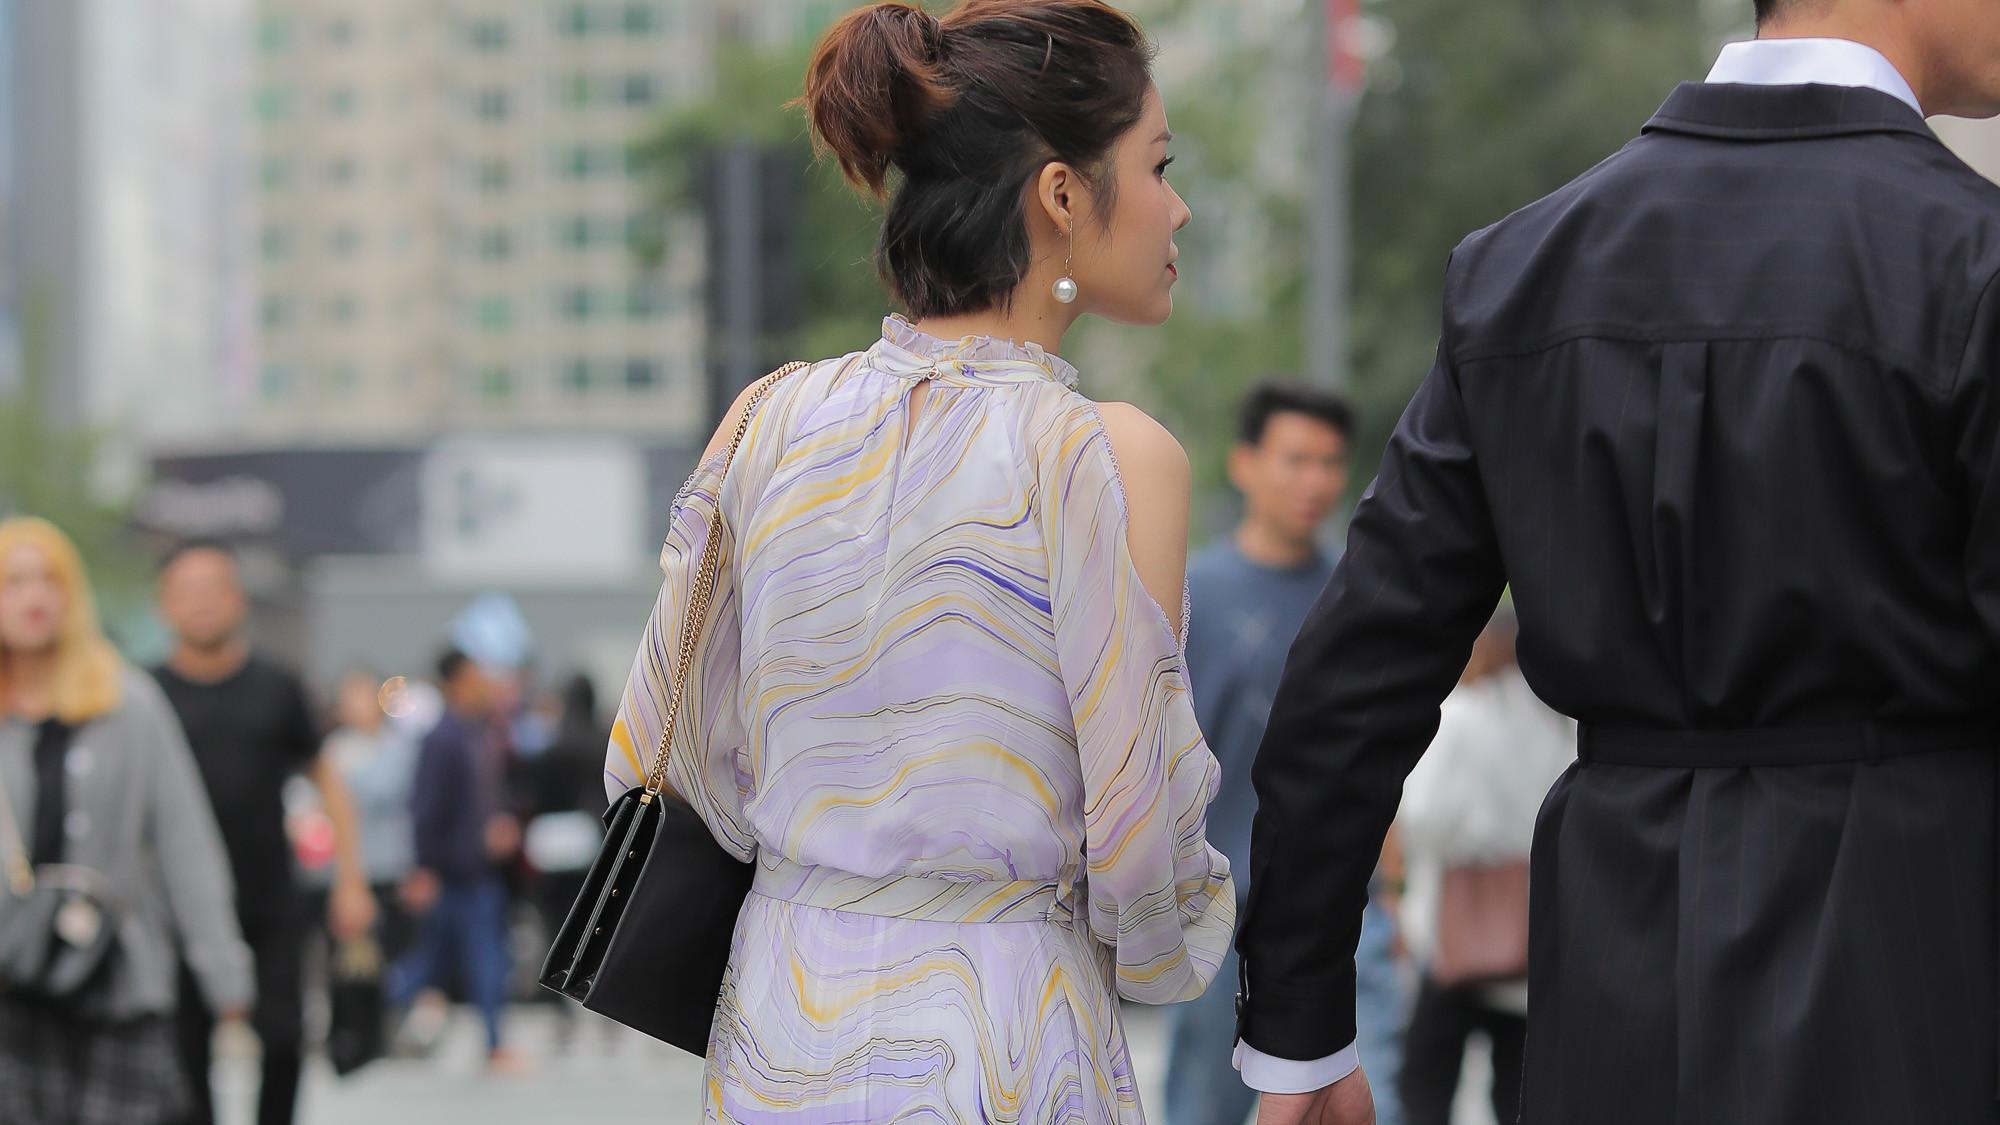 雪纺连衣裙穿上很有气质,尤其是无肩的款式,高级十足